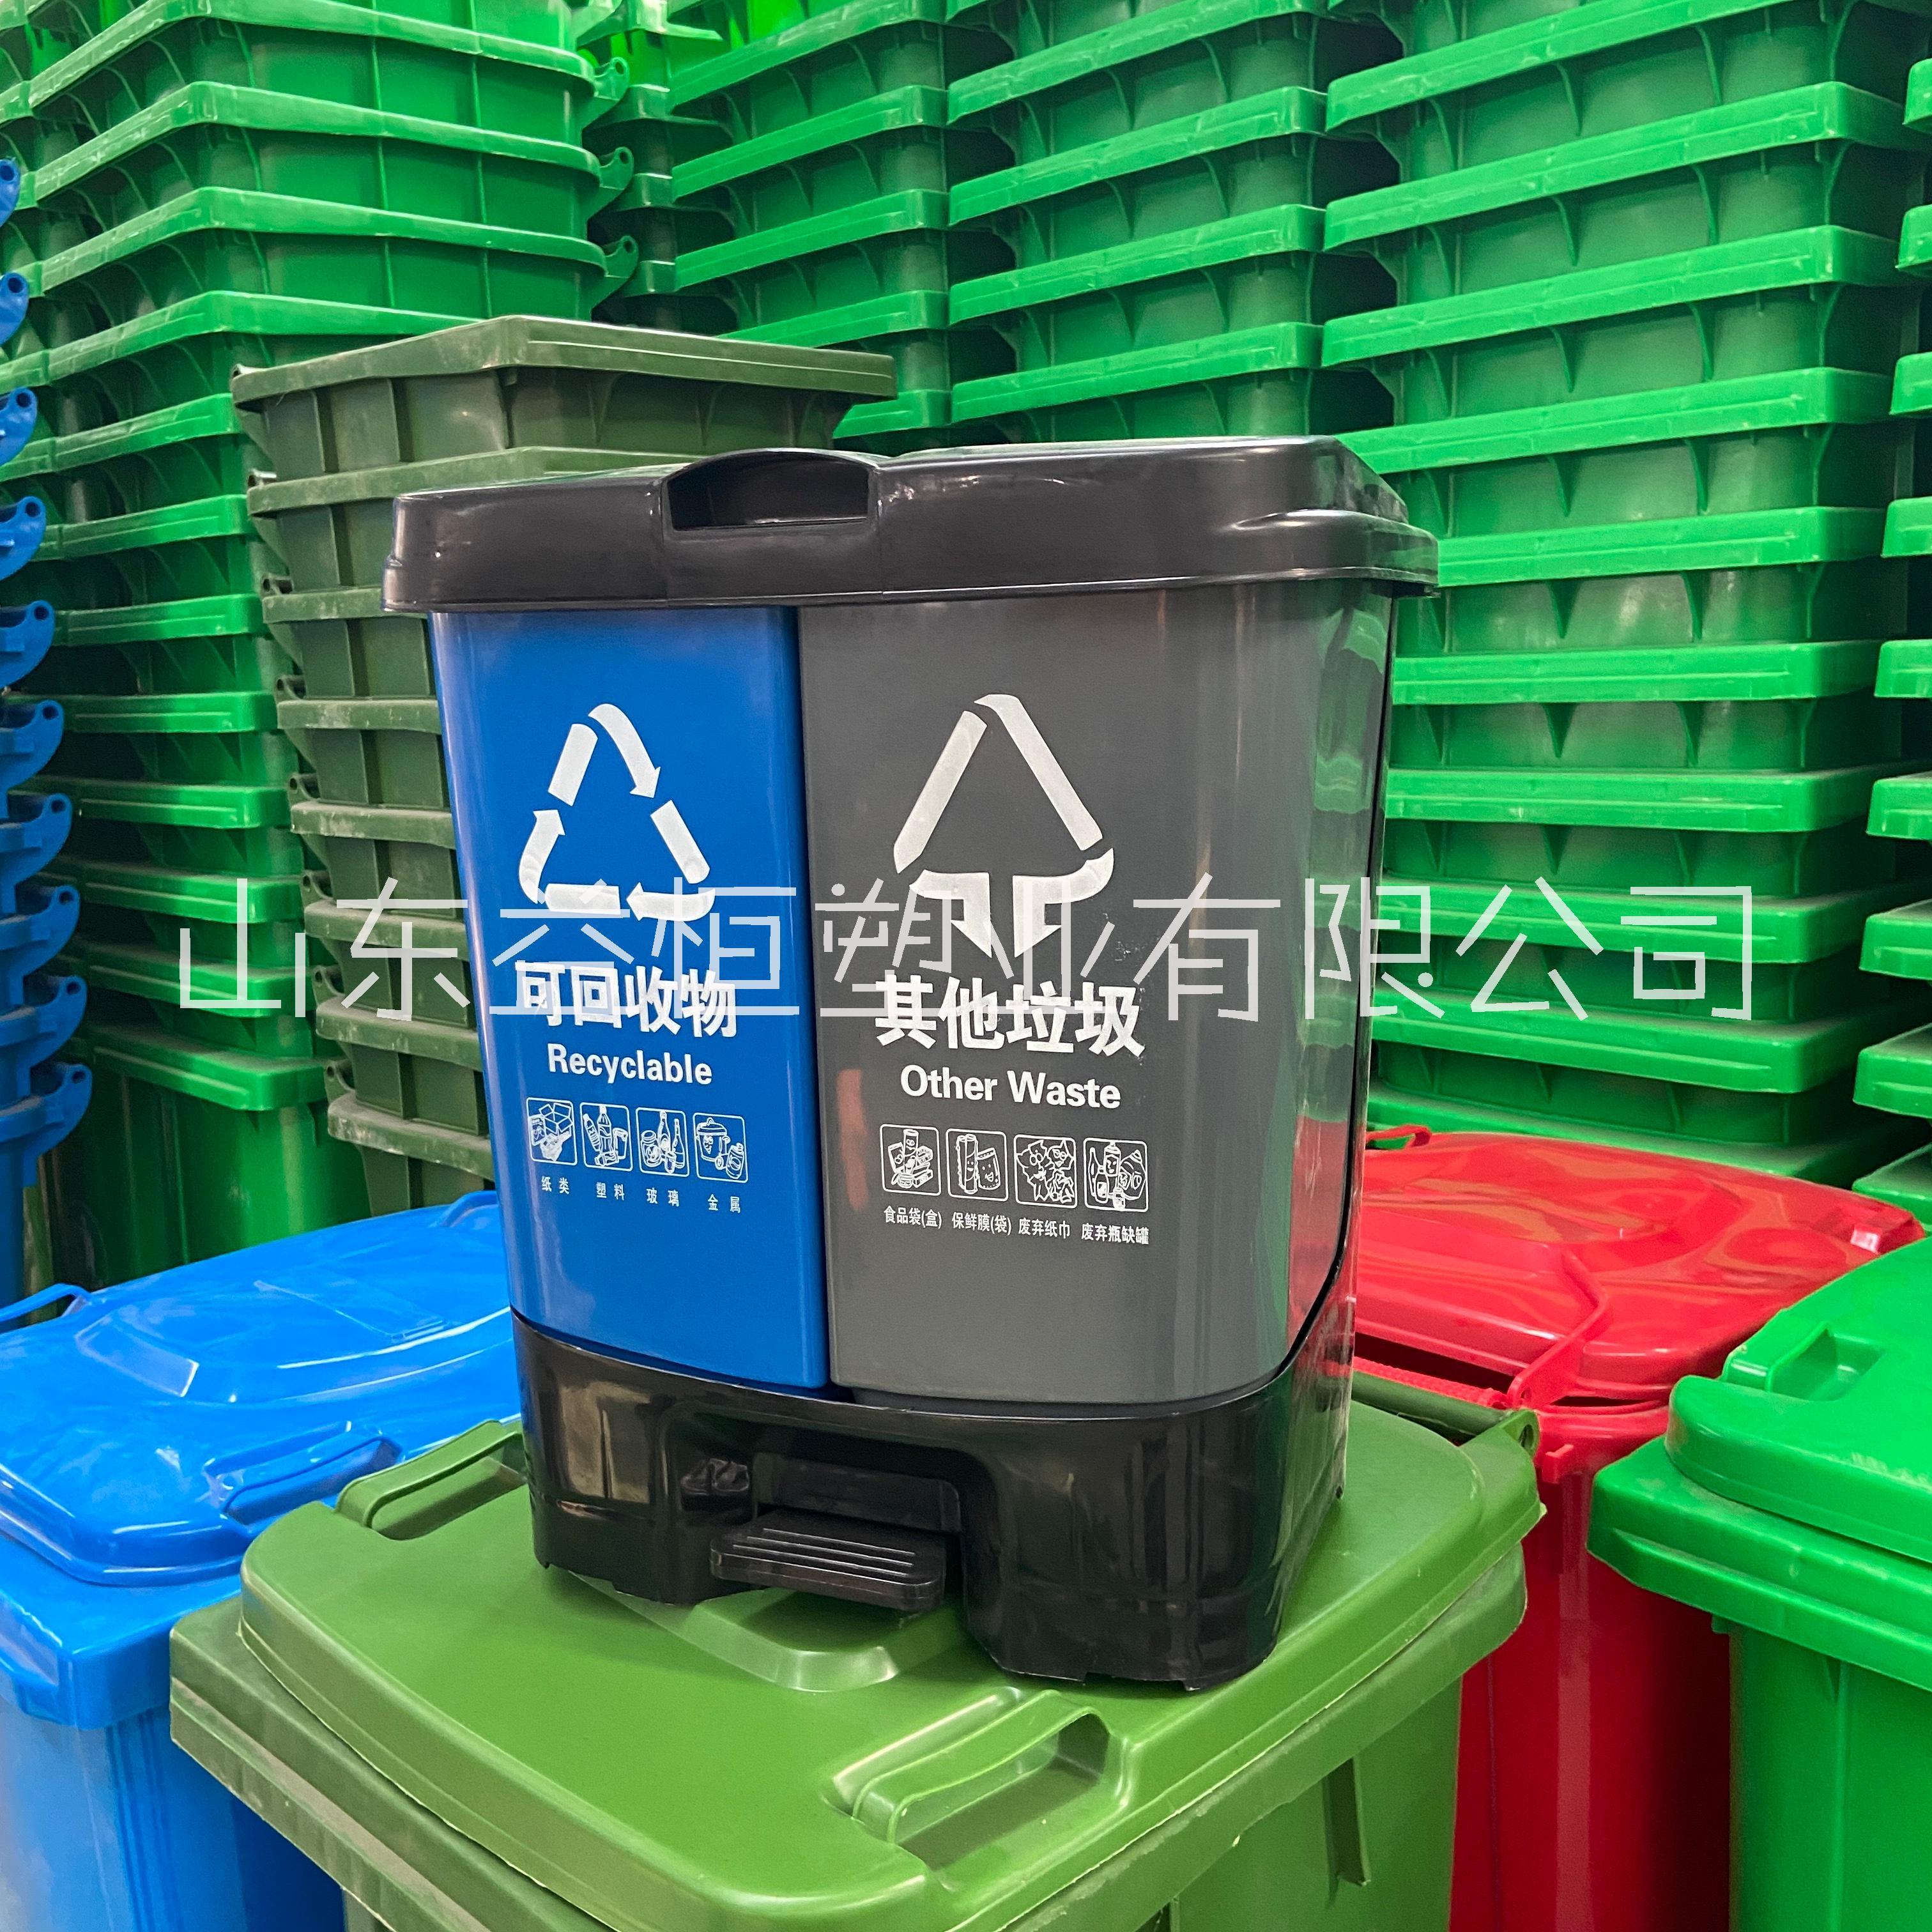 户外小型垃圾桶 加厚塑料垃圾桶 可移动小区学校街道环卫垃圾桶